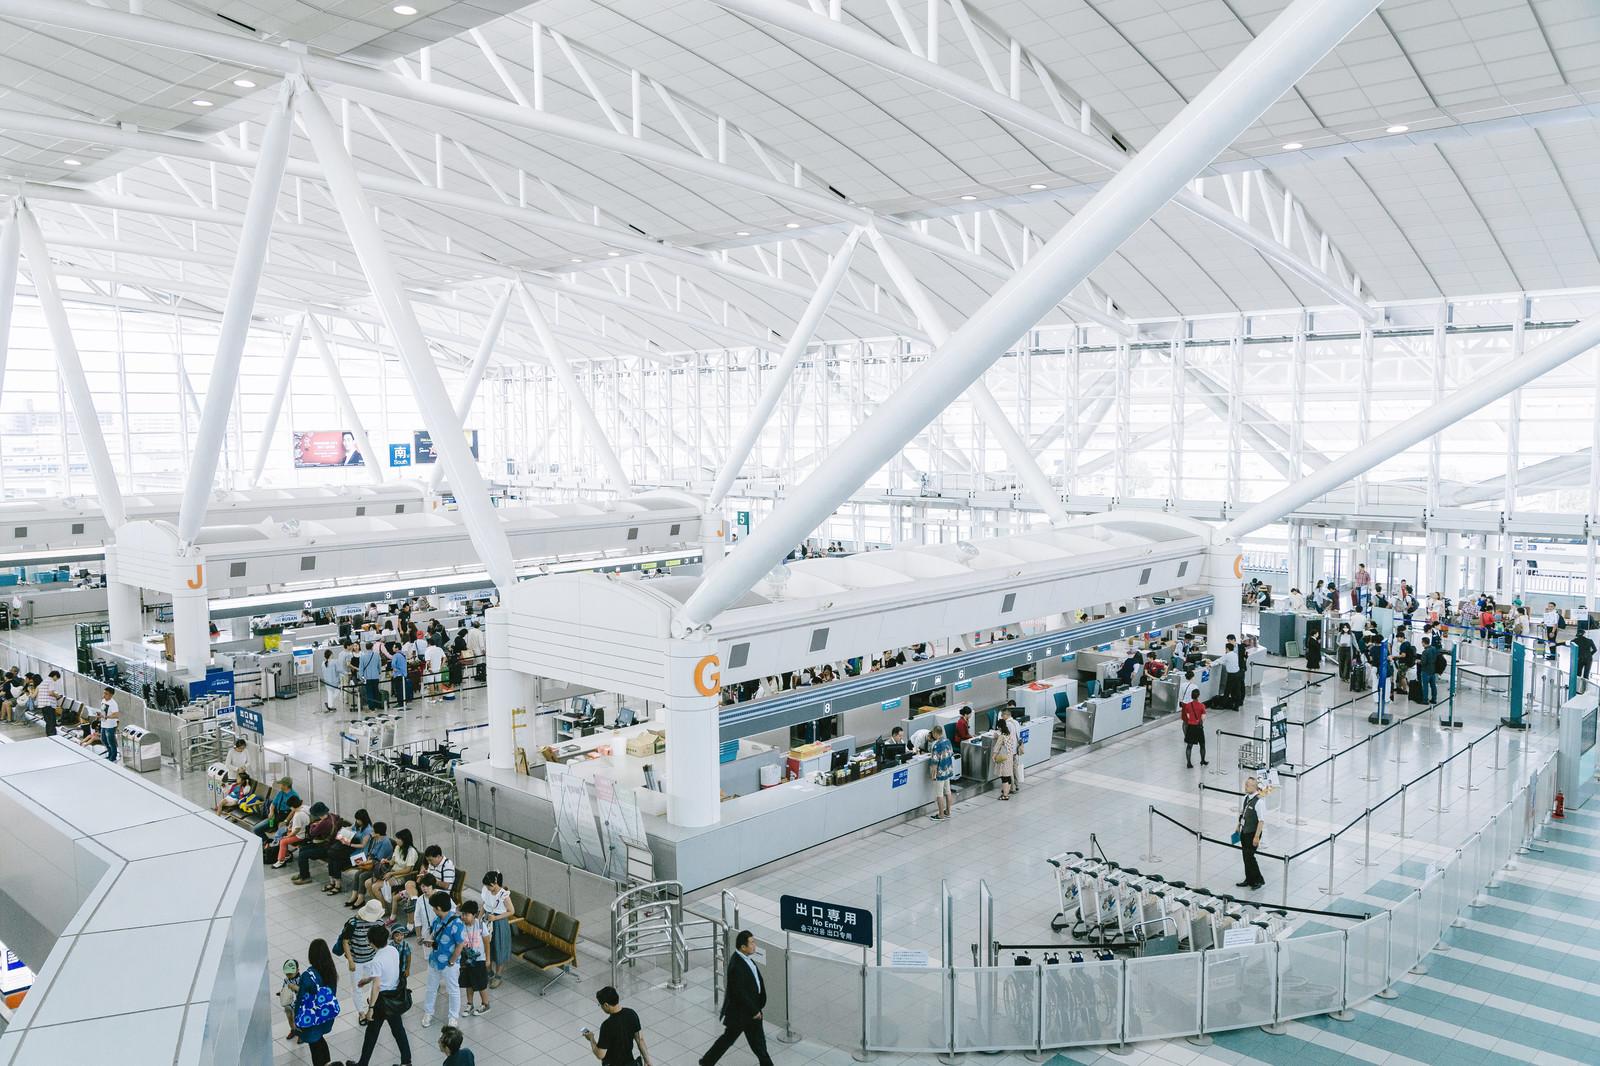 『ラーメン滑走路』は福岡空港内の人気店!おすすめメニューや営業時間は?